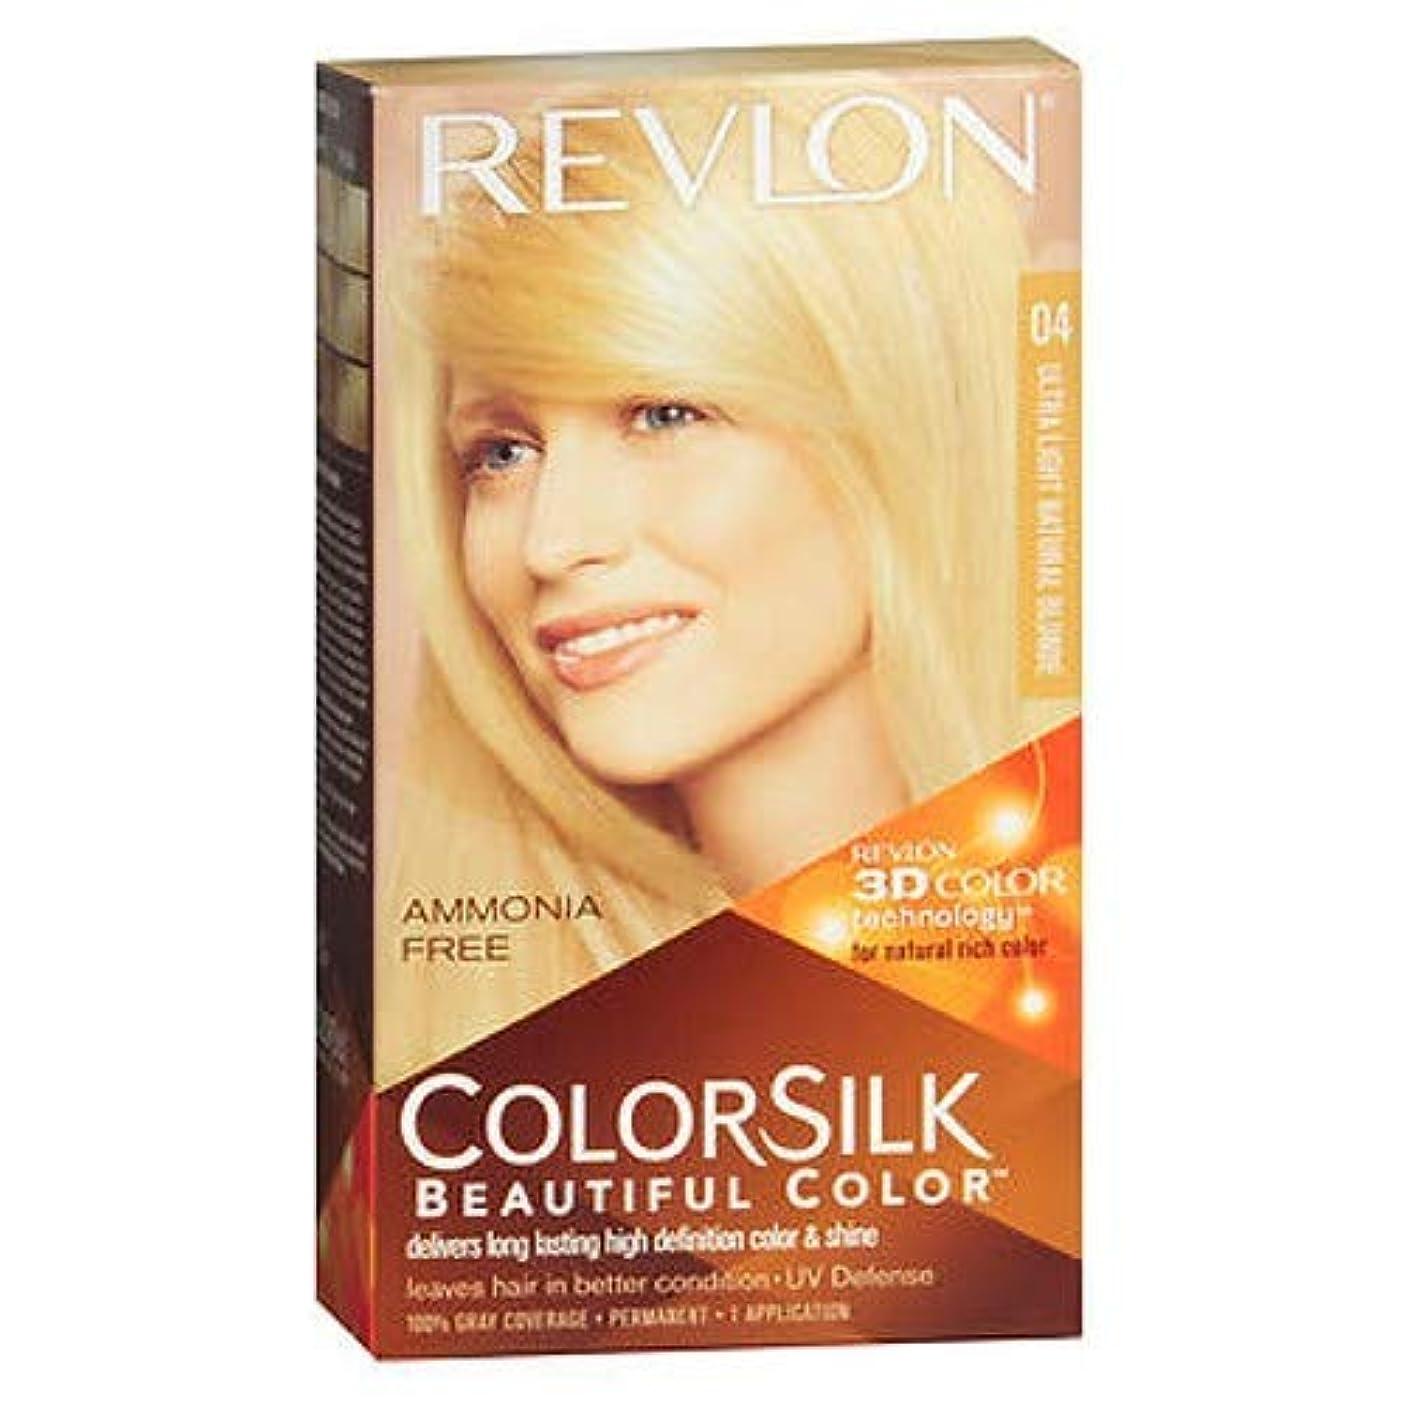 許容後者脅威Revlon Colorsilk美しい色のパーマネントカラー、ウルトラライトナチュラルブロンド04、3パック 3パック ウルトラライトナチュラルブロンド